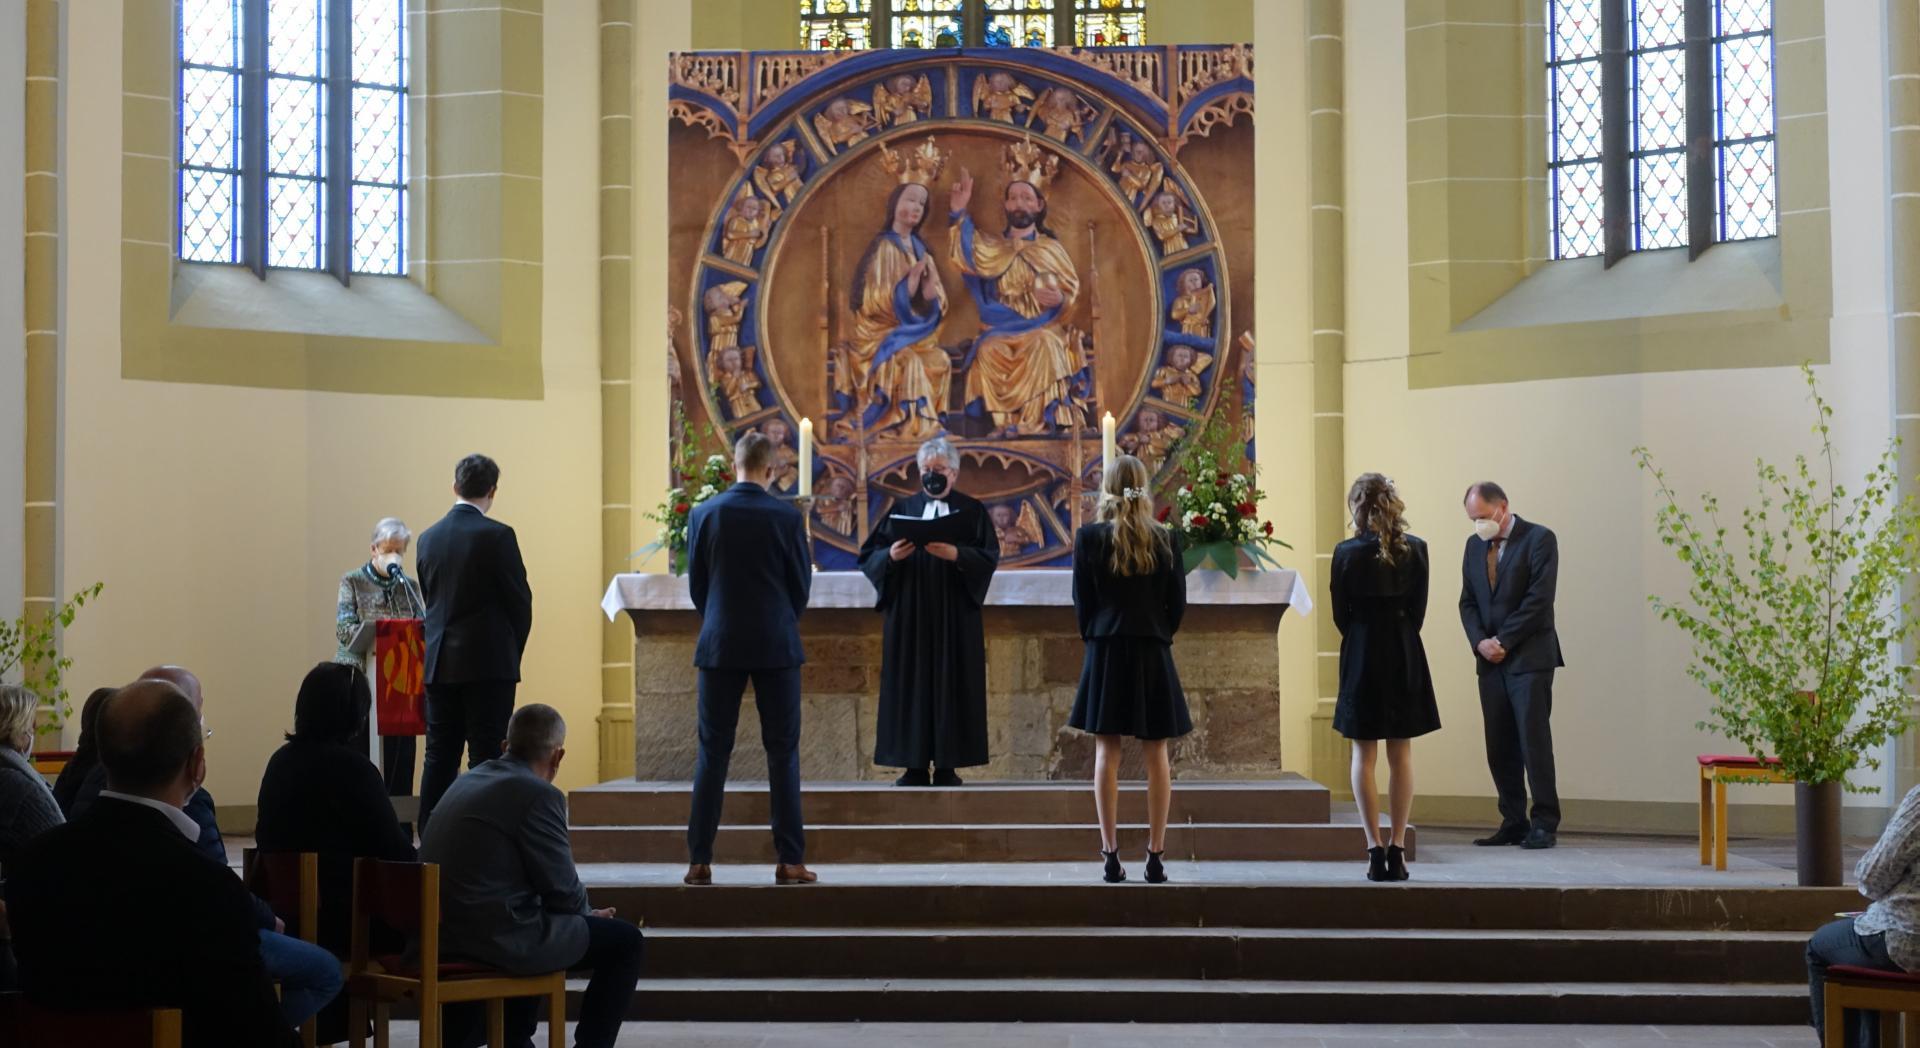 Konfirmation von 2 Konirmandinen und 2 Konfirmanden mit Pastorin Karin Gerken-Heise